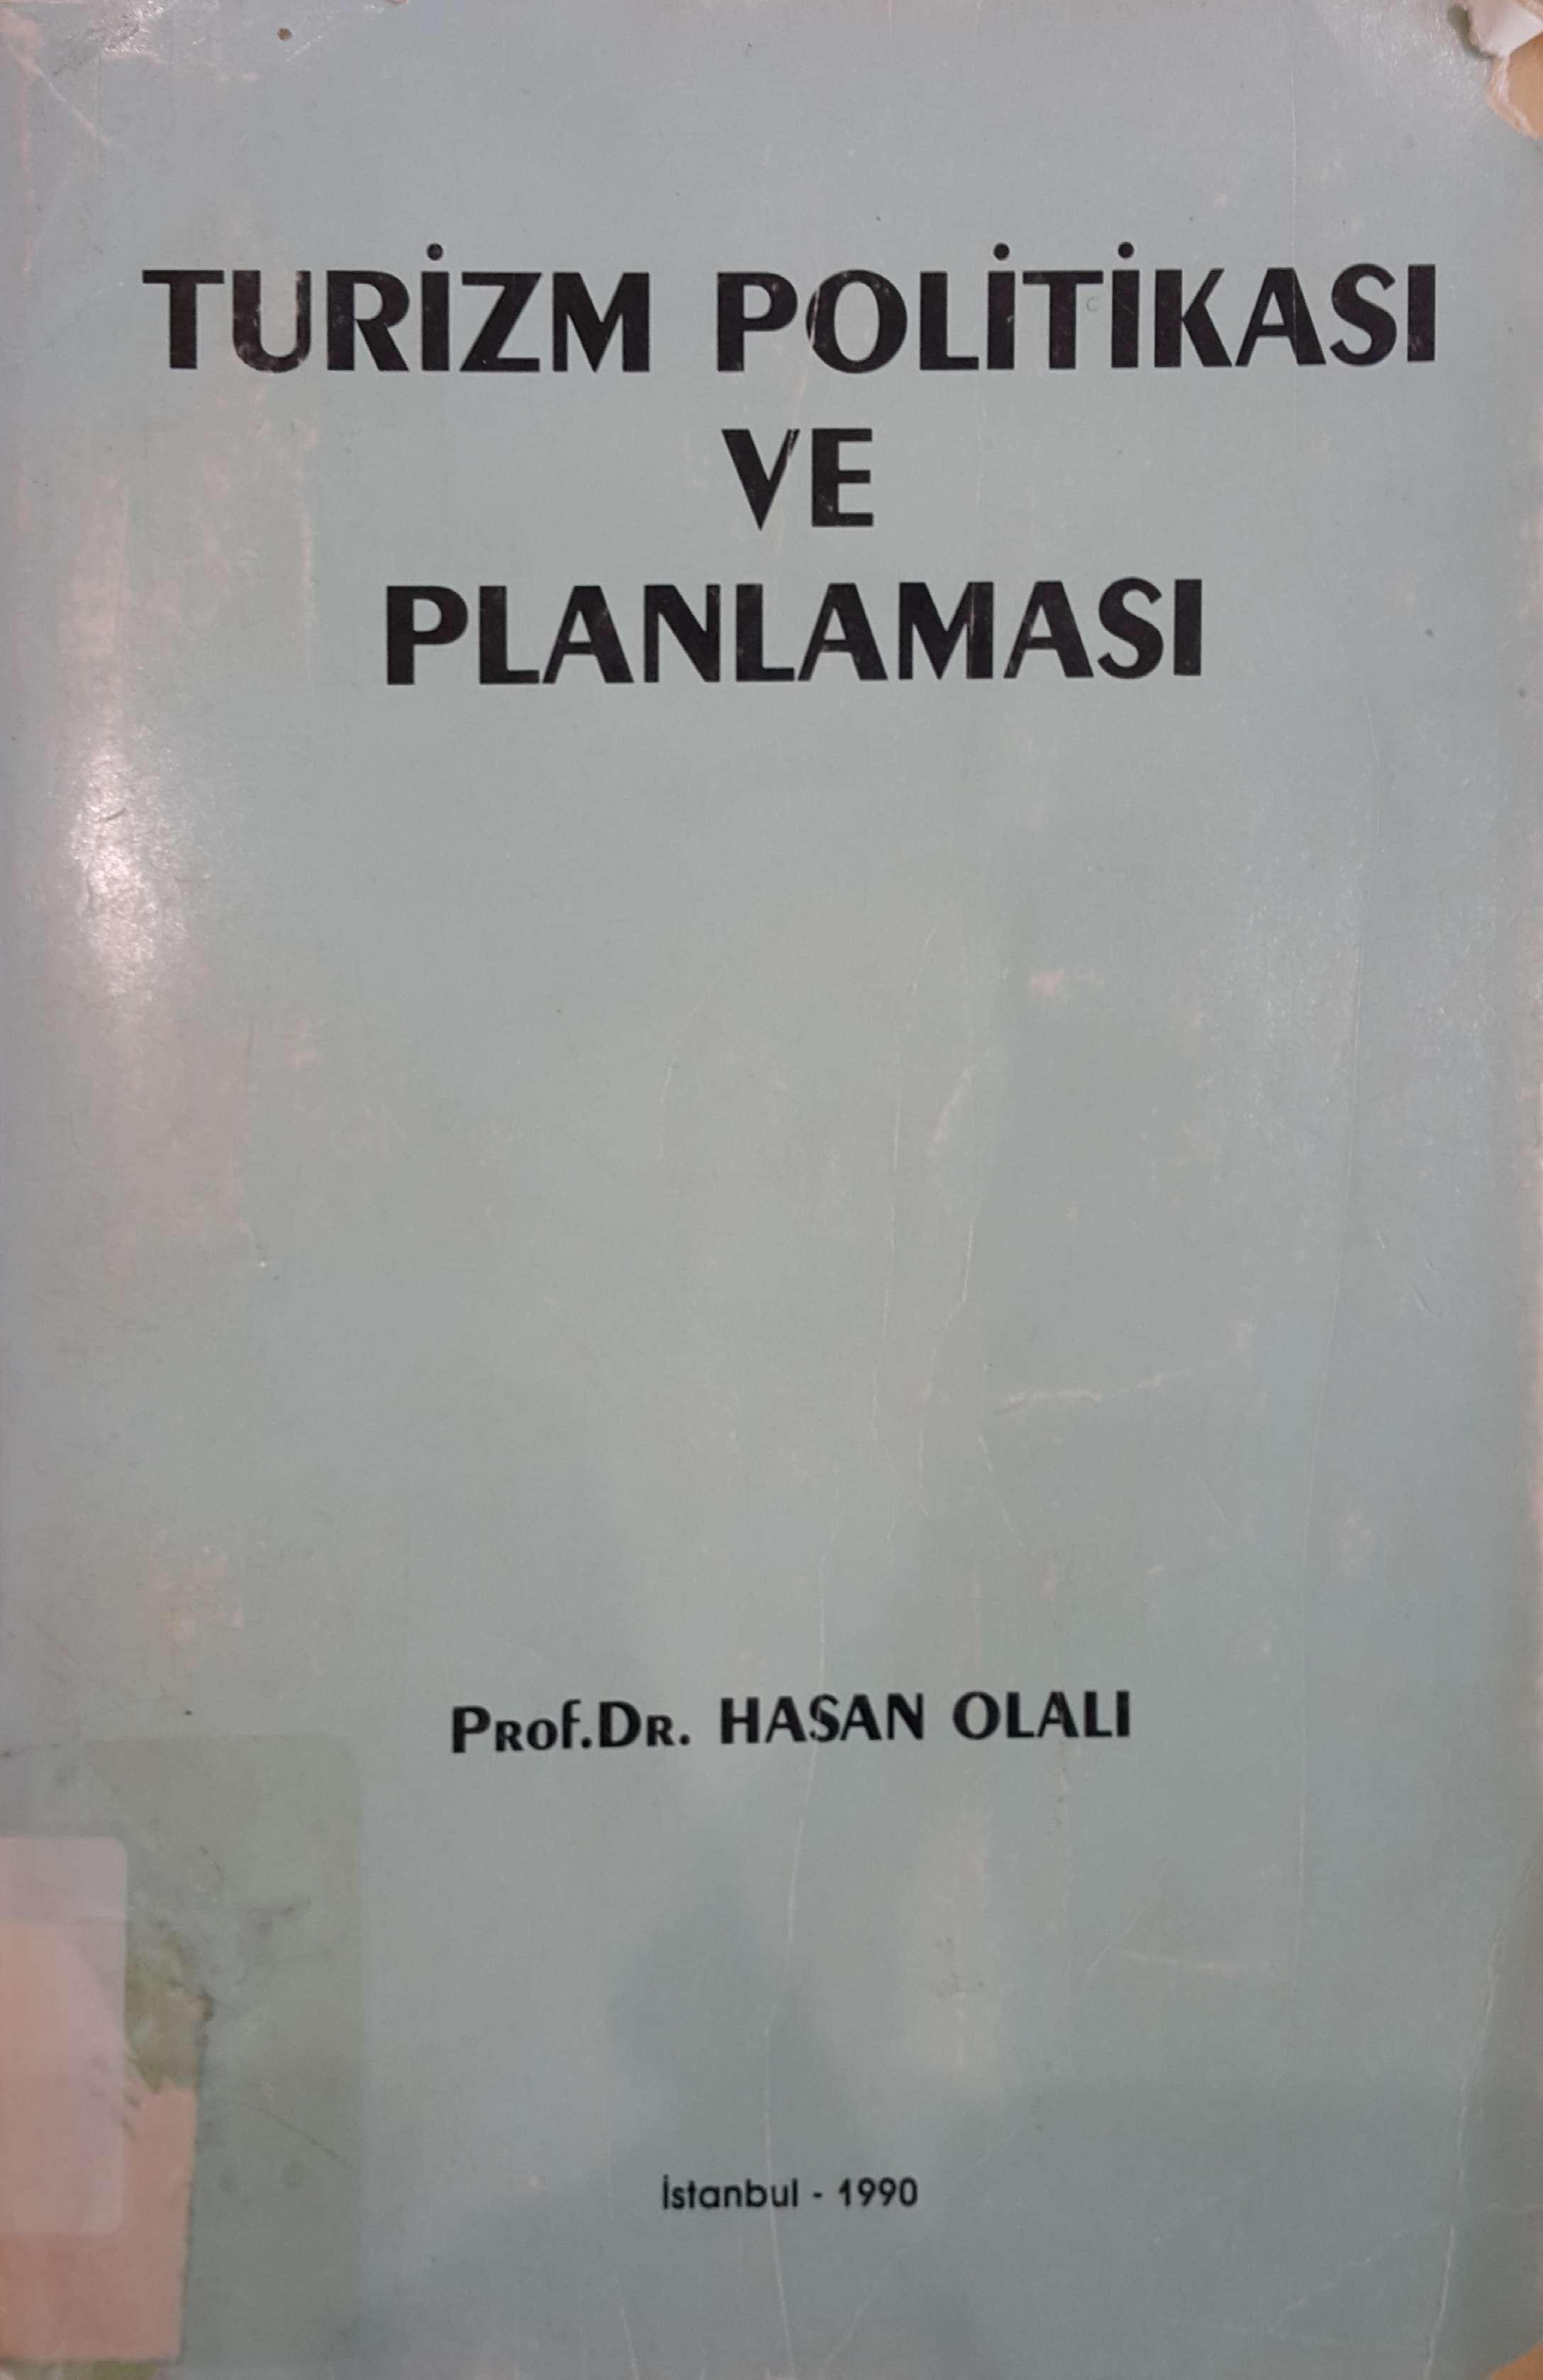 Turizm Politikası ve Planlaması Kitap Kapağı